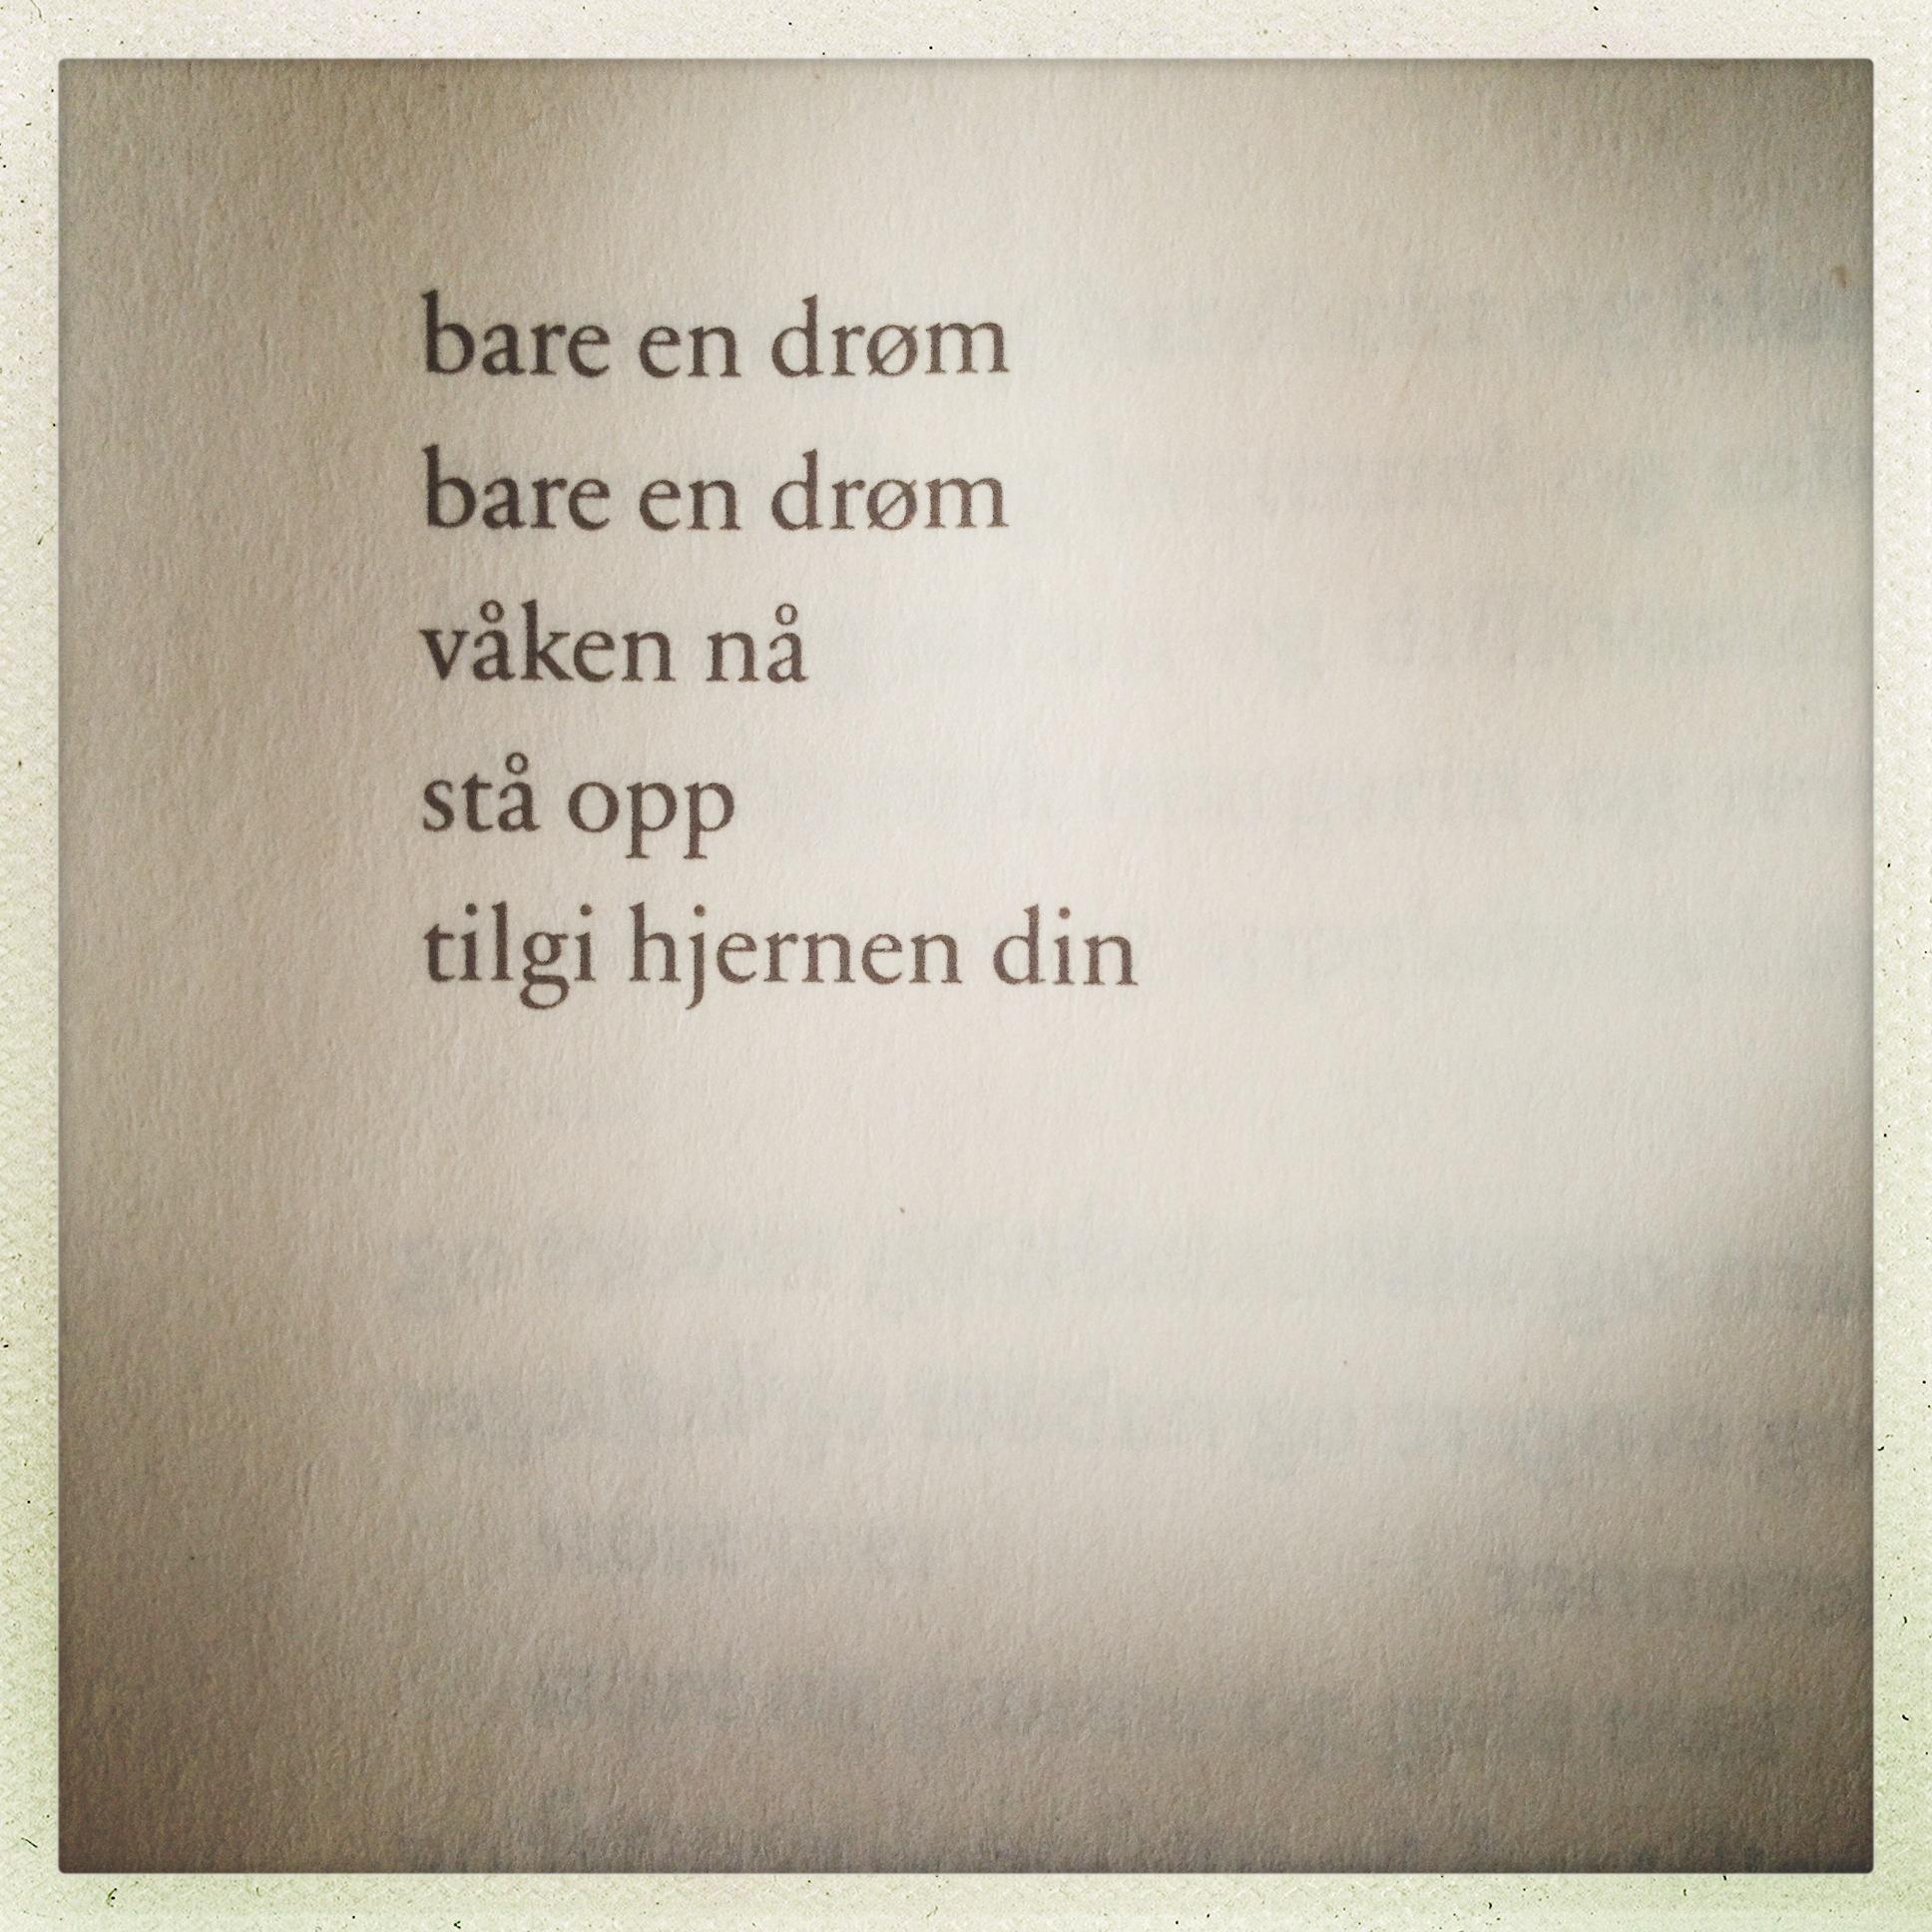 rolig 50 års dikt dikt | rolig 50 års dikt